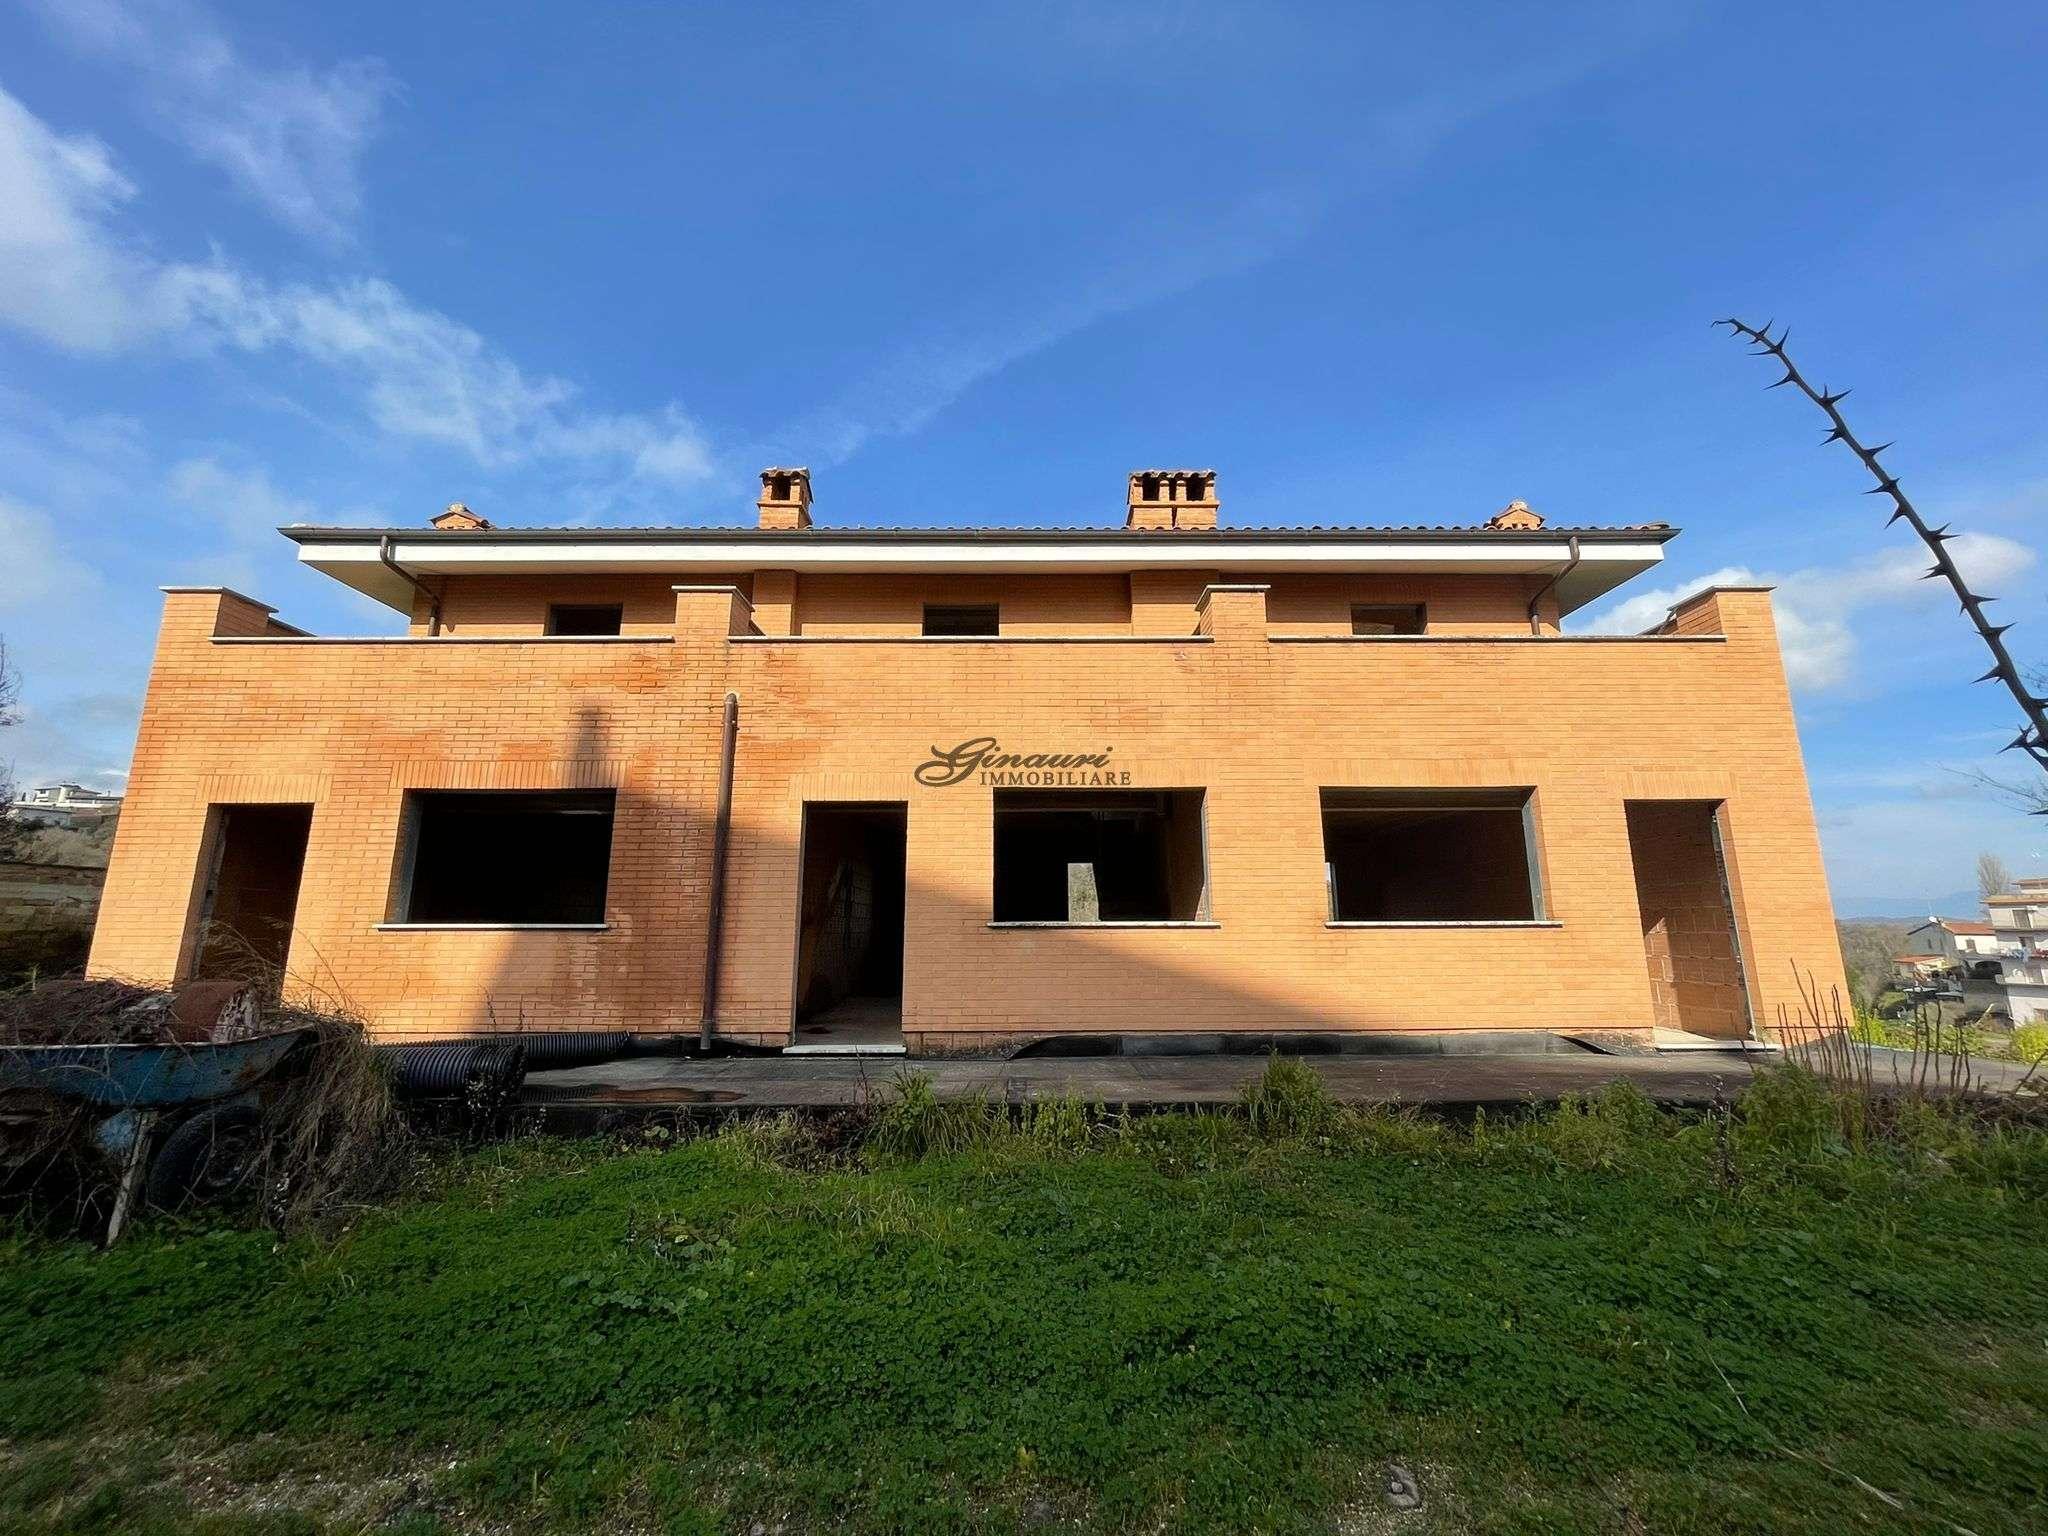 Soluzione Indipendente in vendita a Morlupo, 12 locali, prezzo € 450.000 | CambioCasa.it